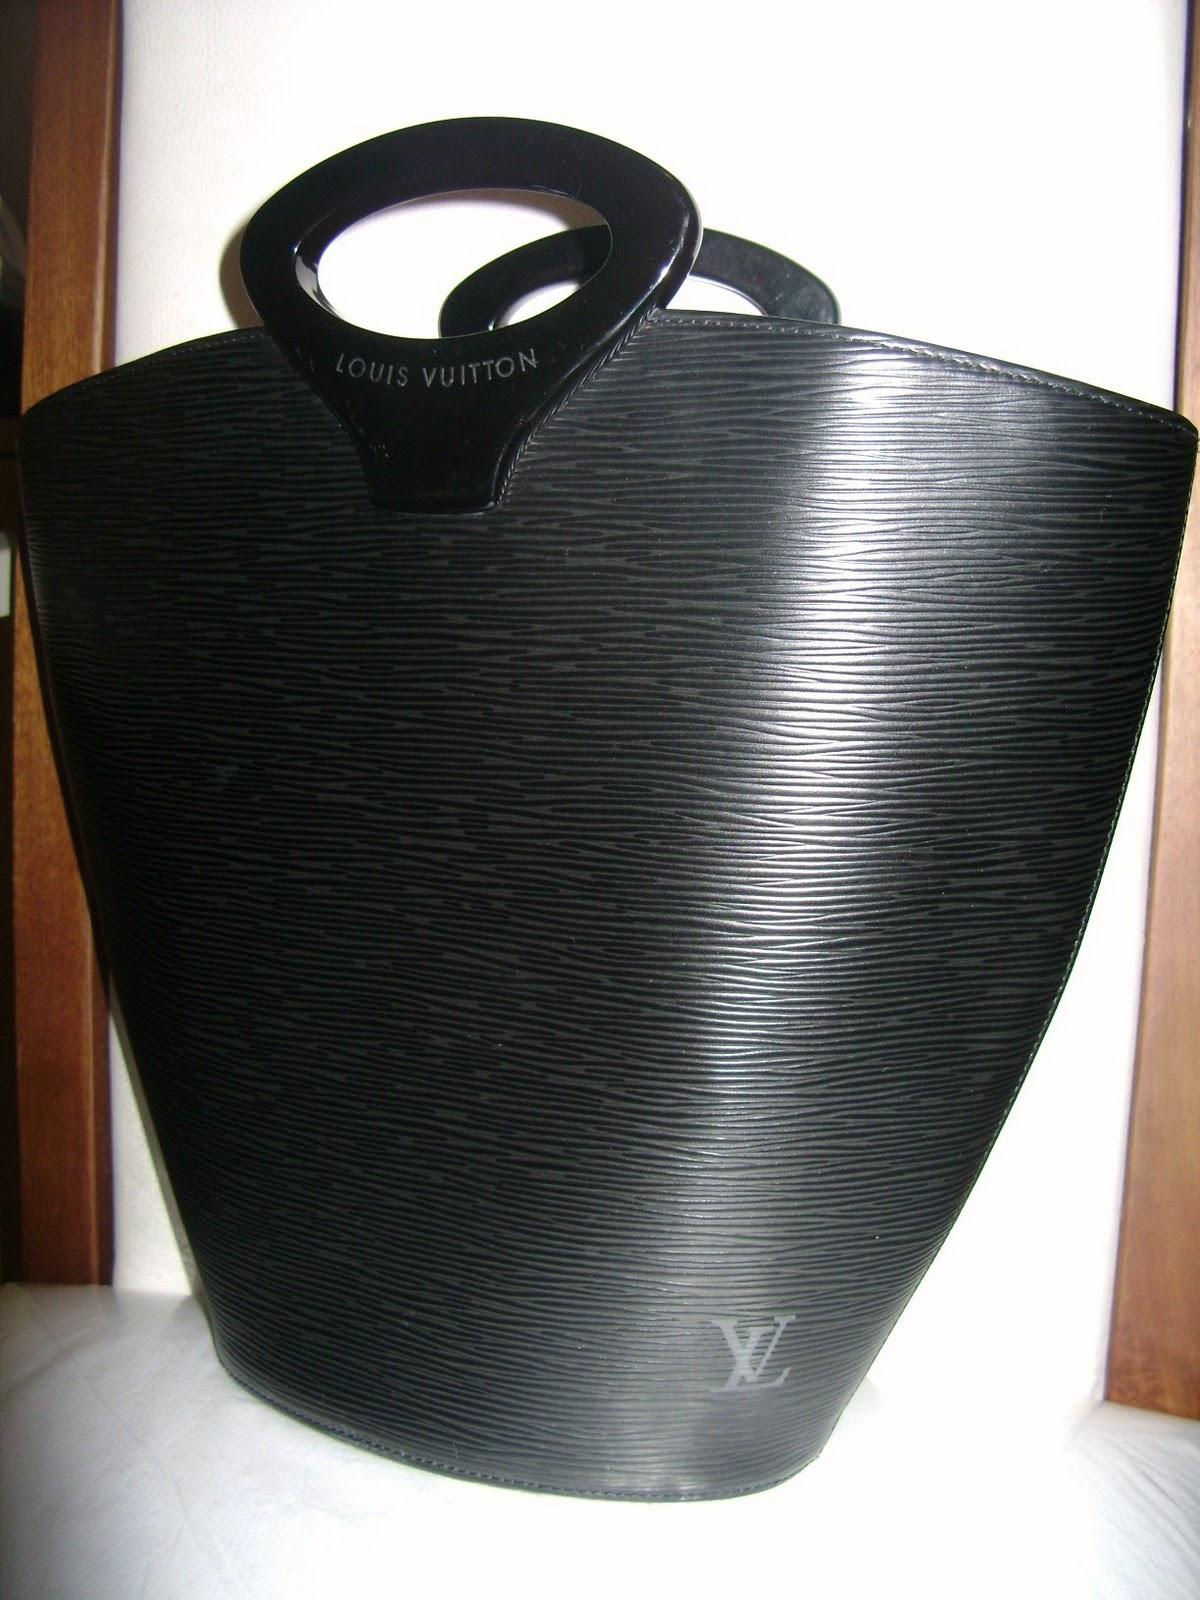 fded3687a23 Bolsa Luis Vuitton Noctambule Epi Black Com Código Interno de  autenticidade! Original com Dust Bag ...